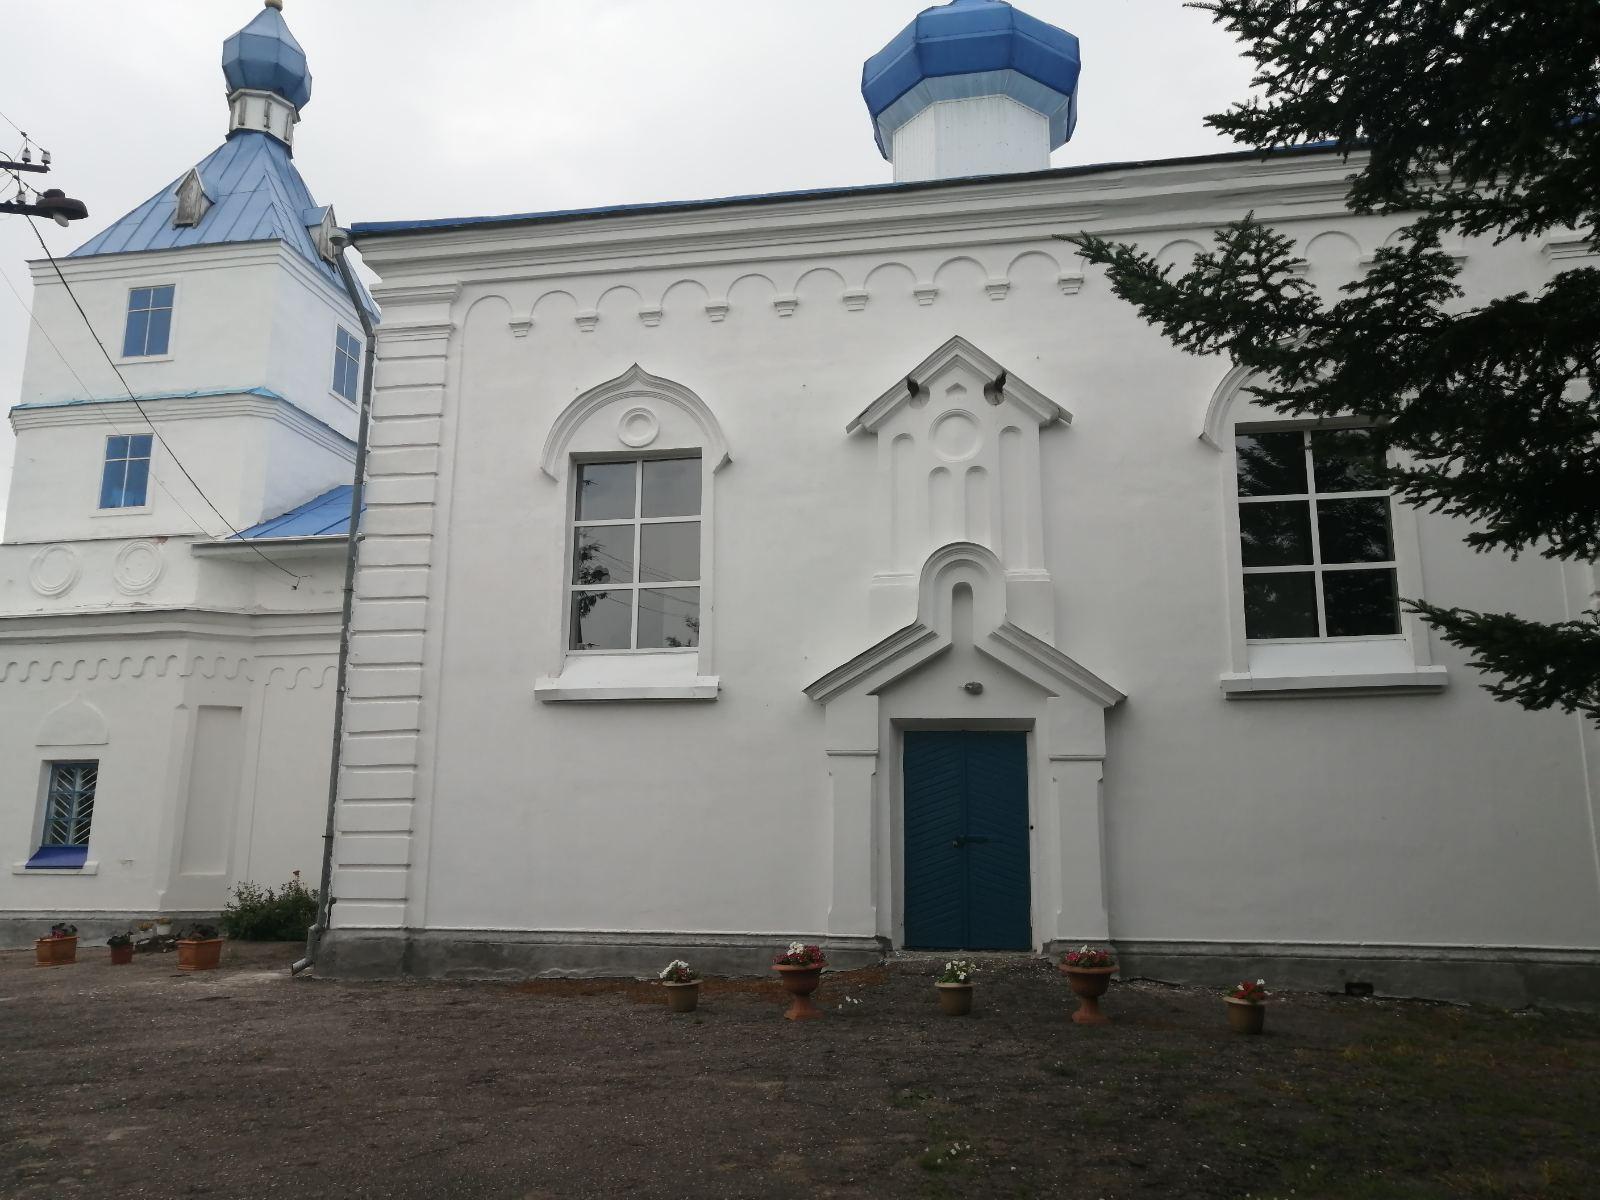 IMG 34642b1ca10a017b7da6f6d94f7ccfa1 V - Церковь Святой Параскевы Пятницы в Плисе